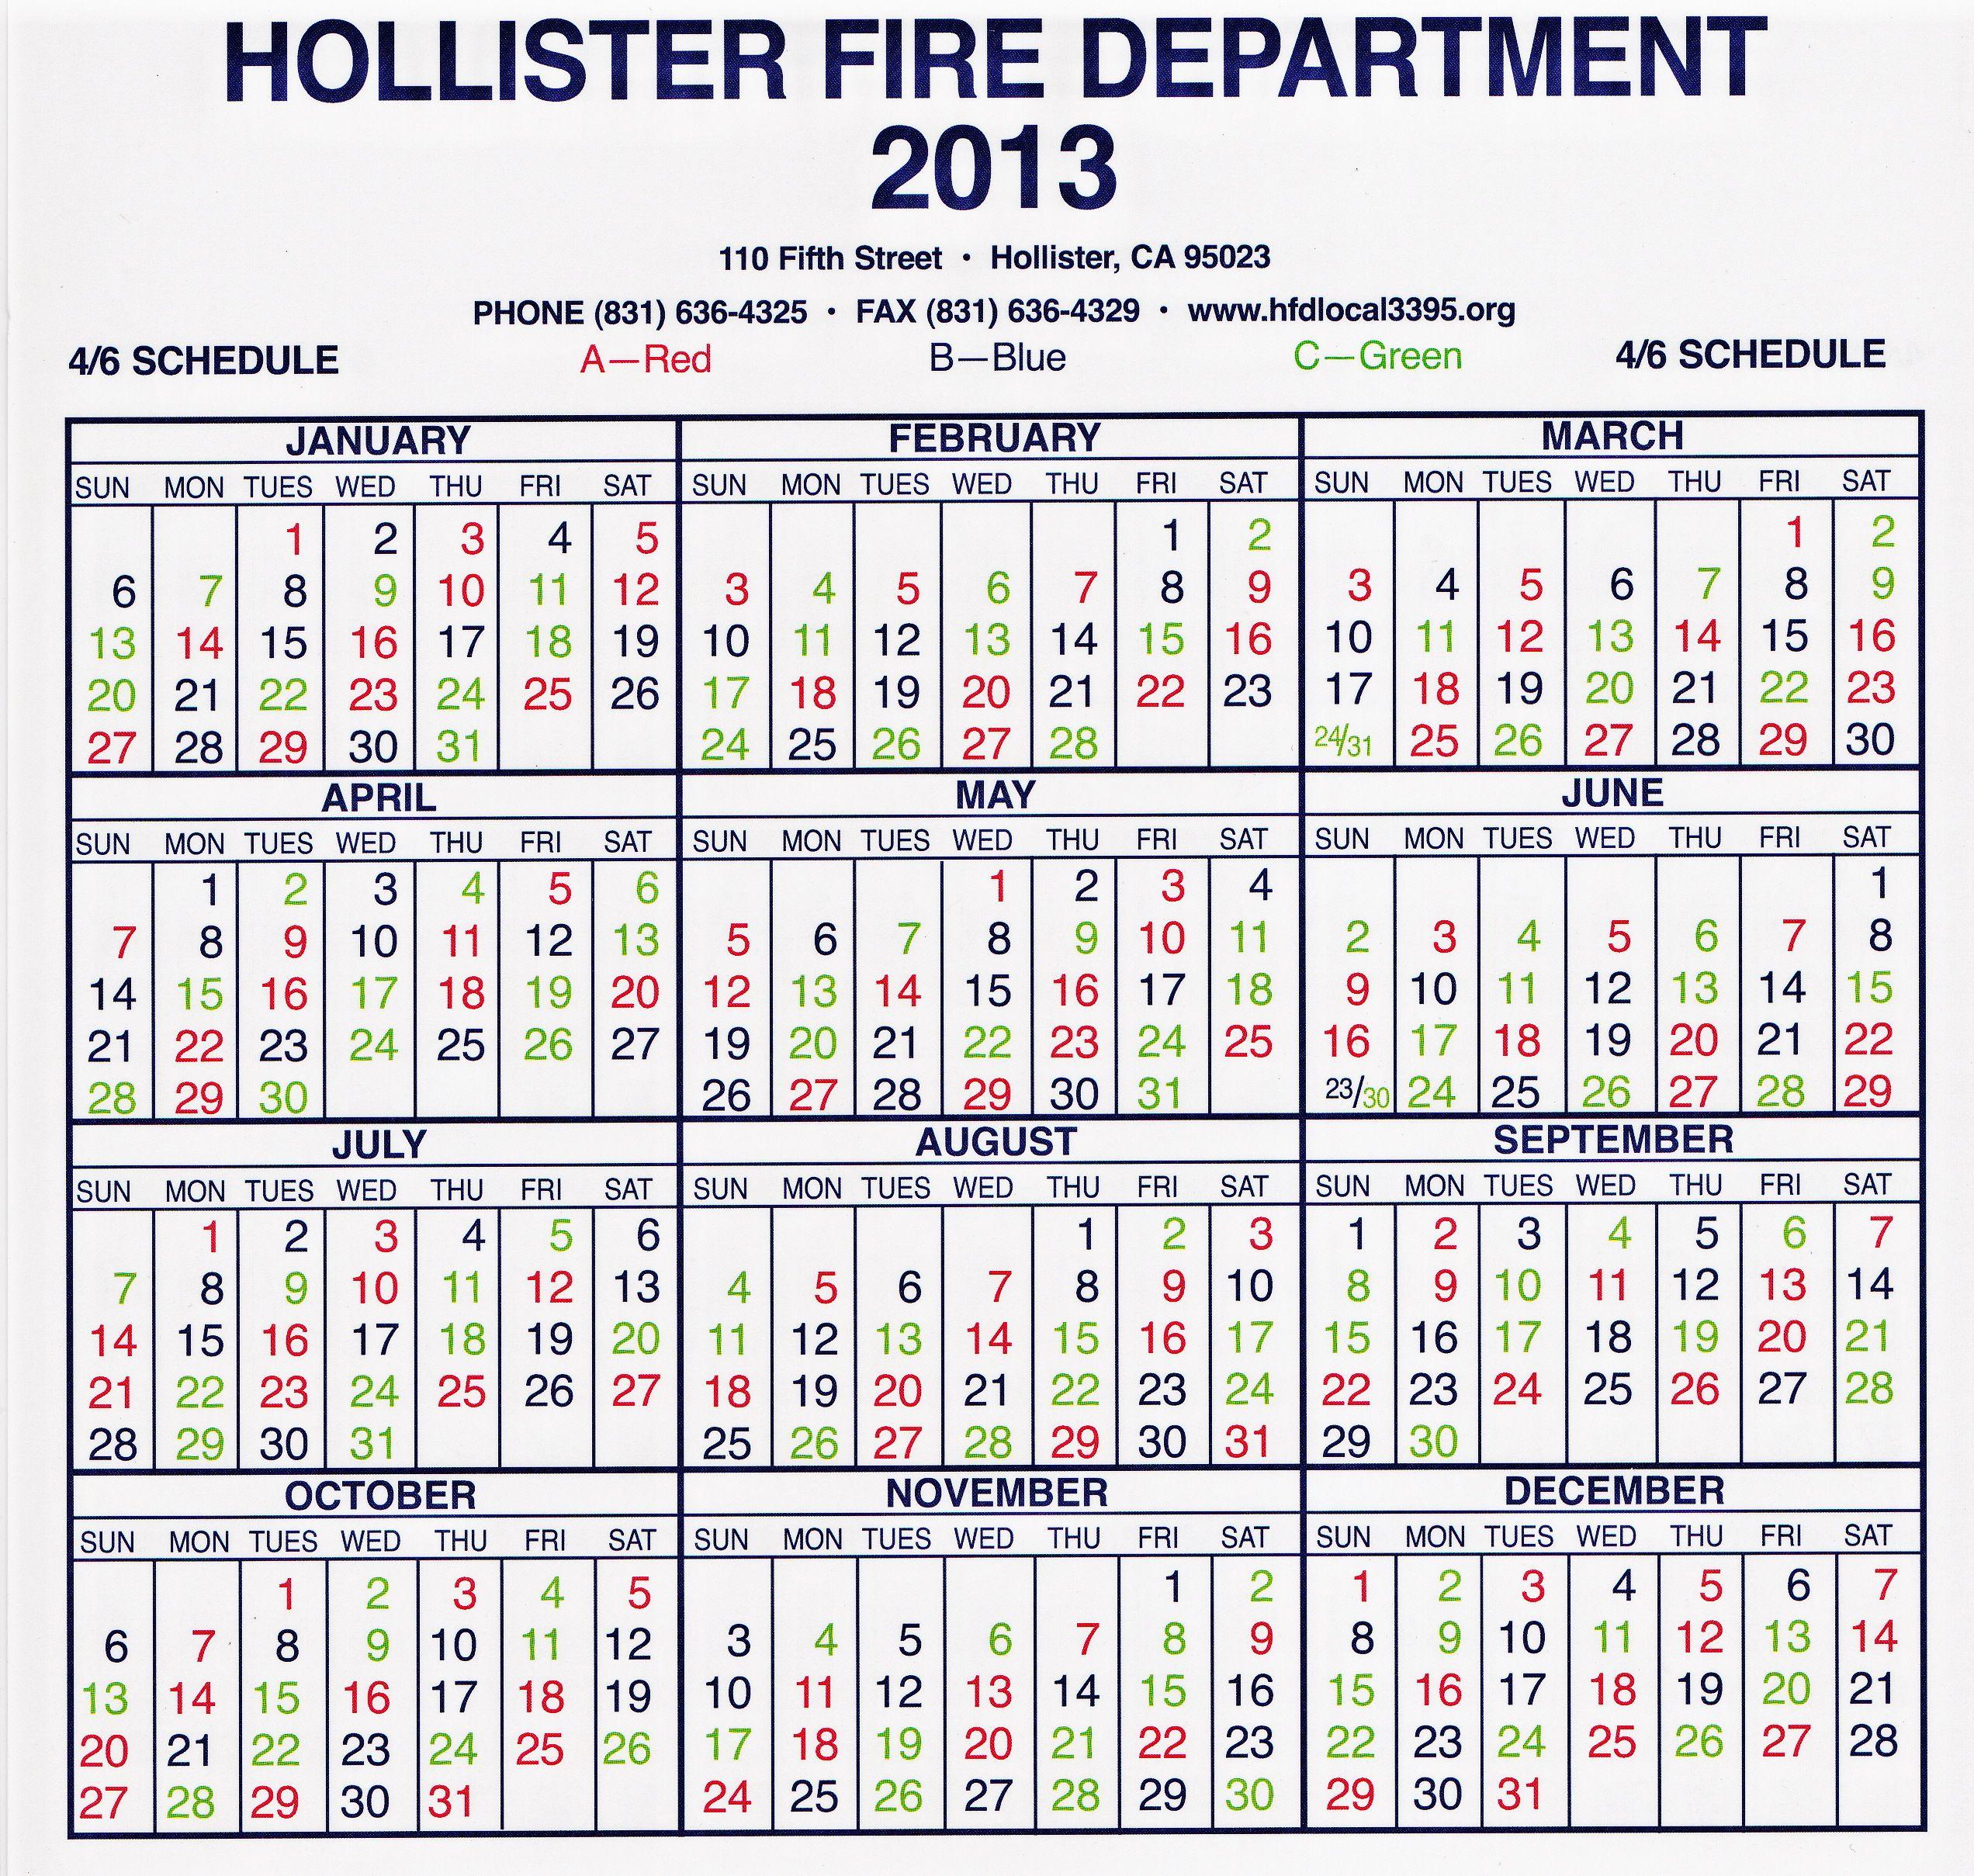 Hollister Fire Department Local 3395 - Shift Calendar